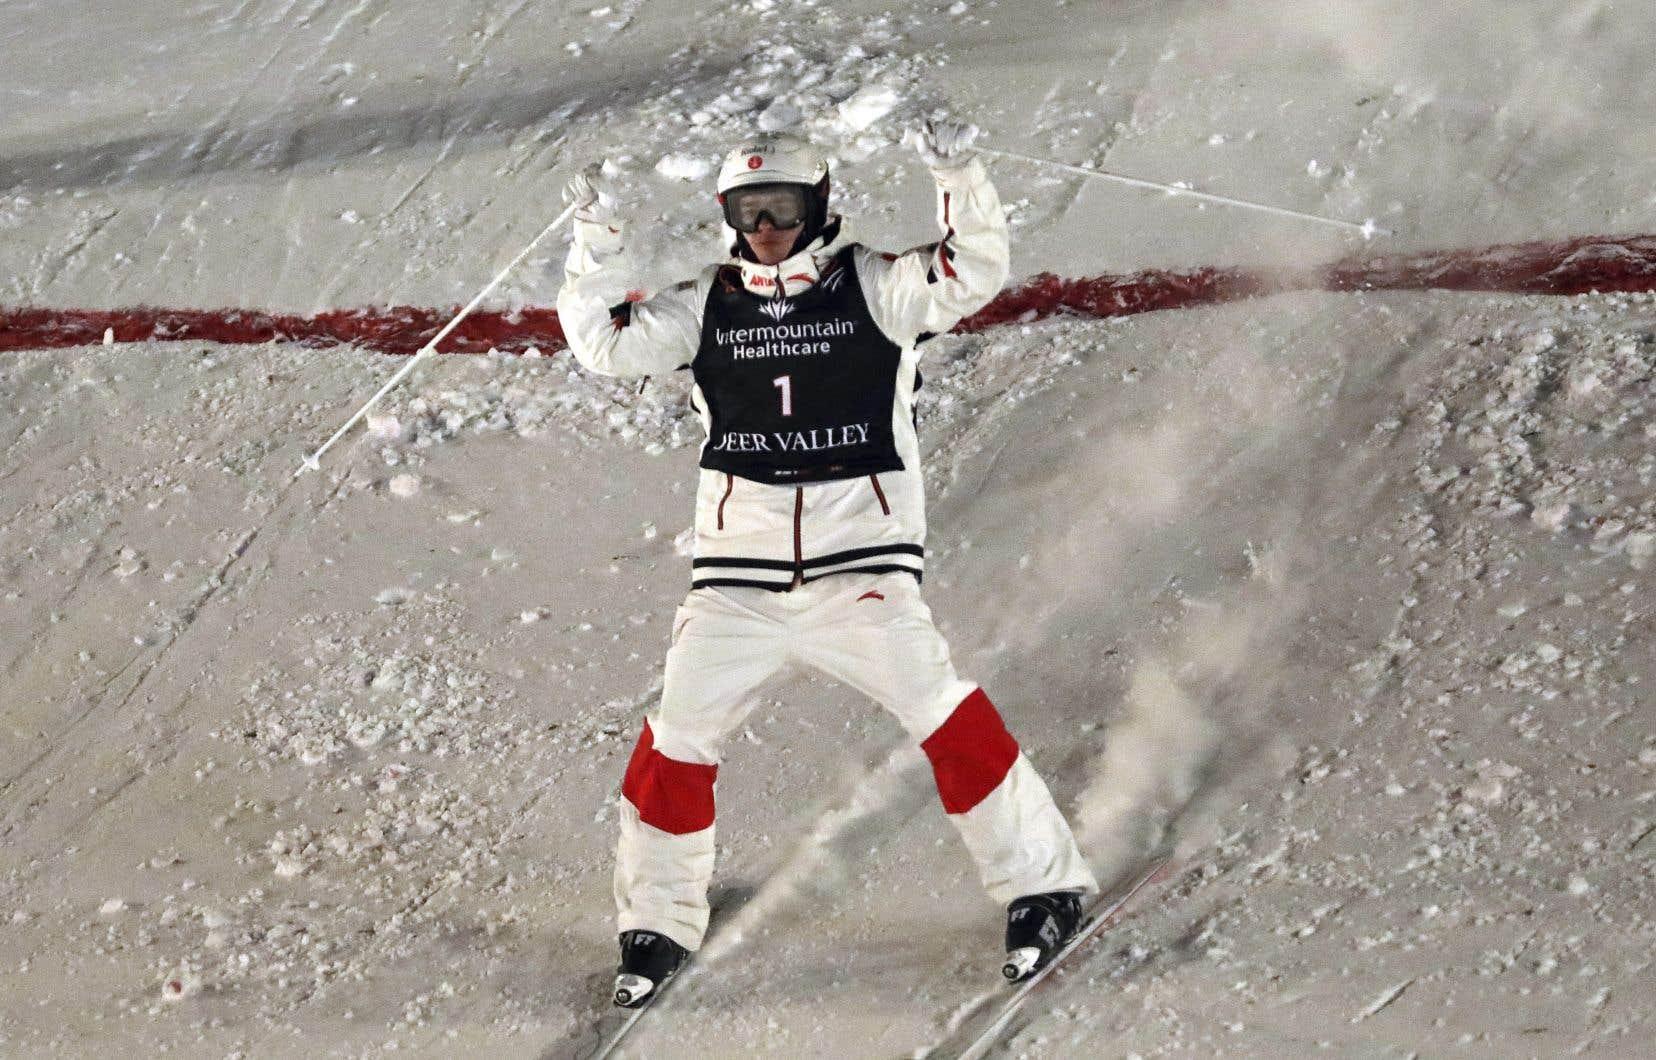 Kingsbury a atteint son principal objectif, celui d'être couronné double champion du monde le mois dernier à Deer Valley.